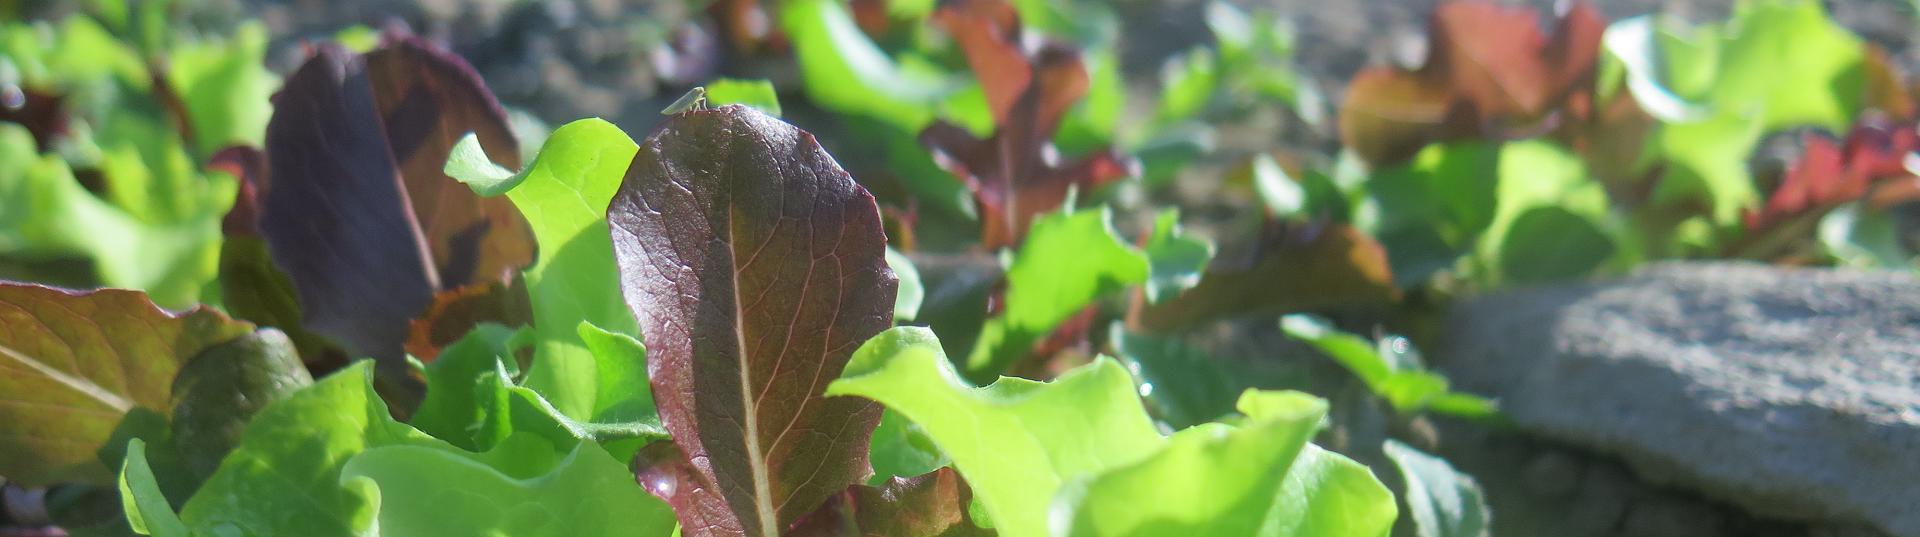 Jeunes plants - Young plants